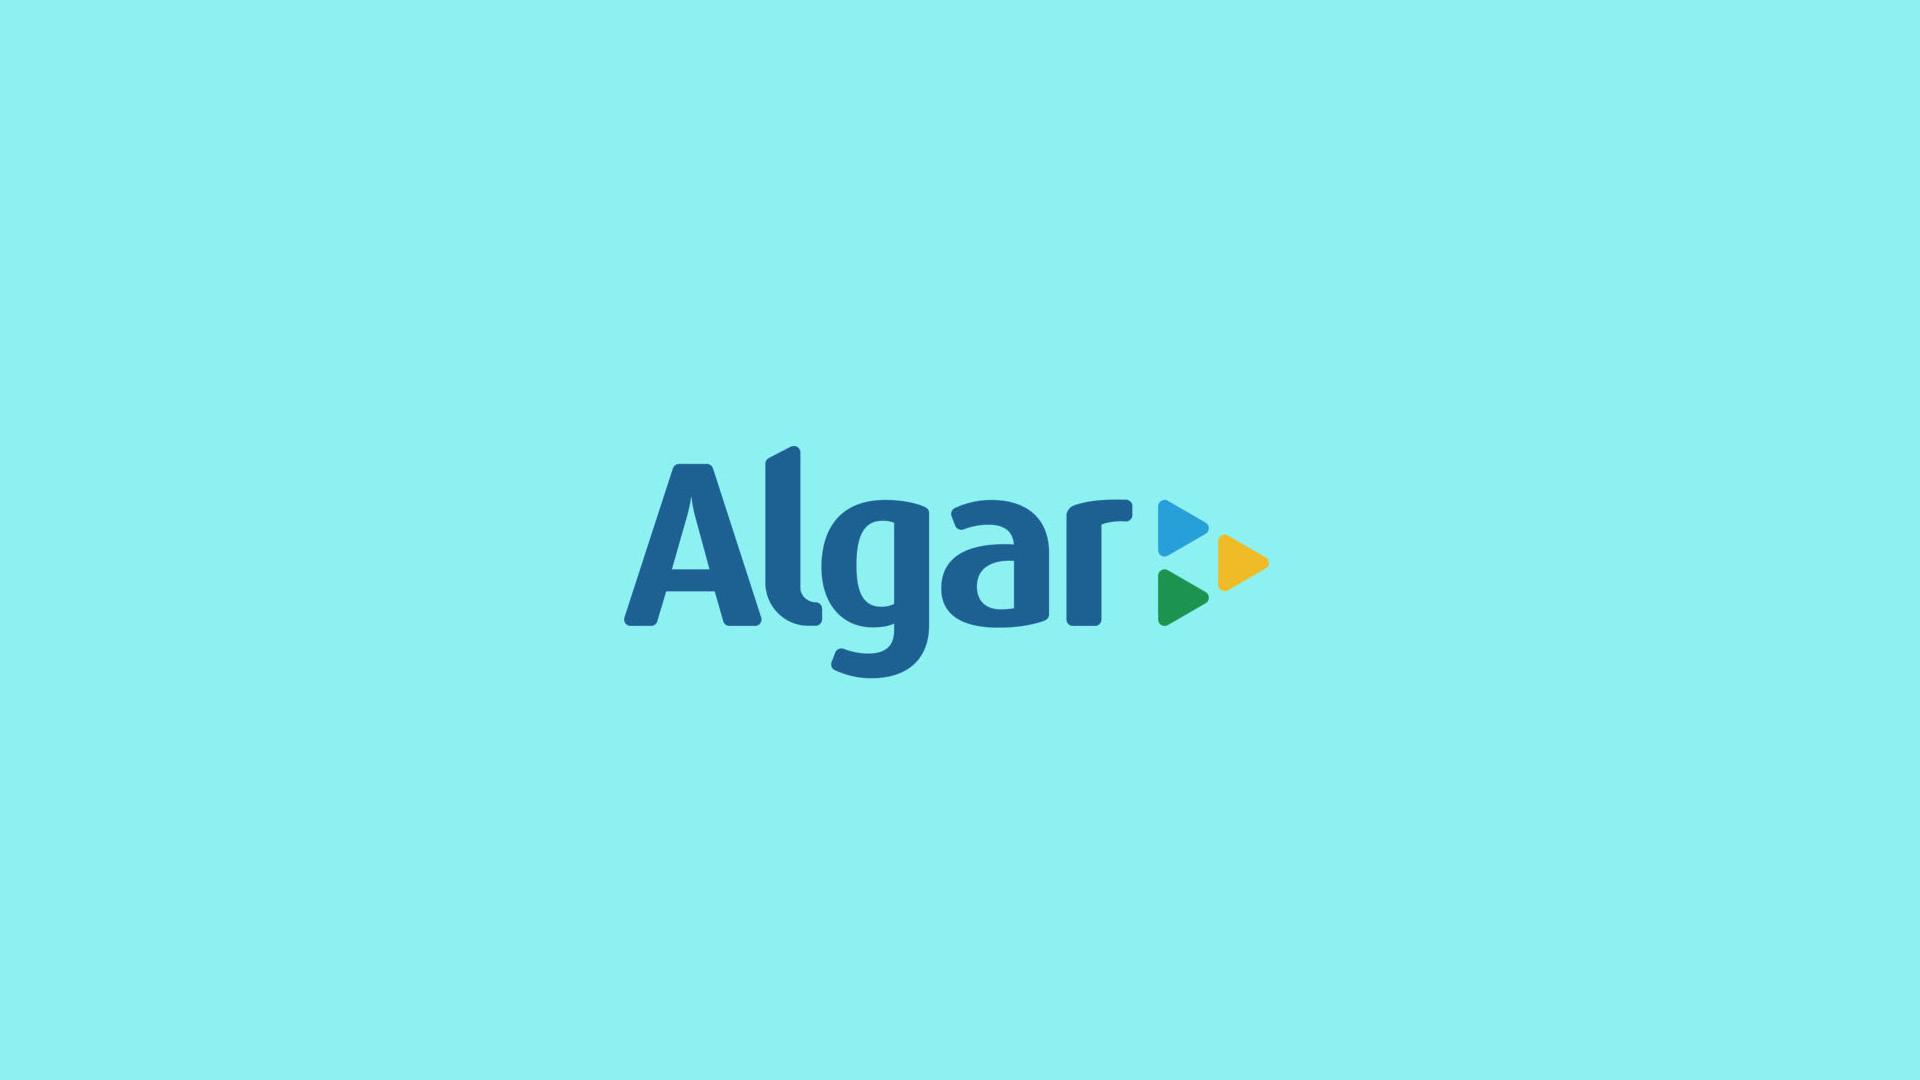 Grupo Algar abre iniciativa de Venture Capital visando startups inovadoras